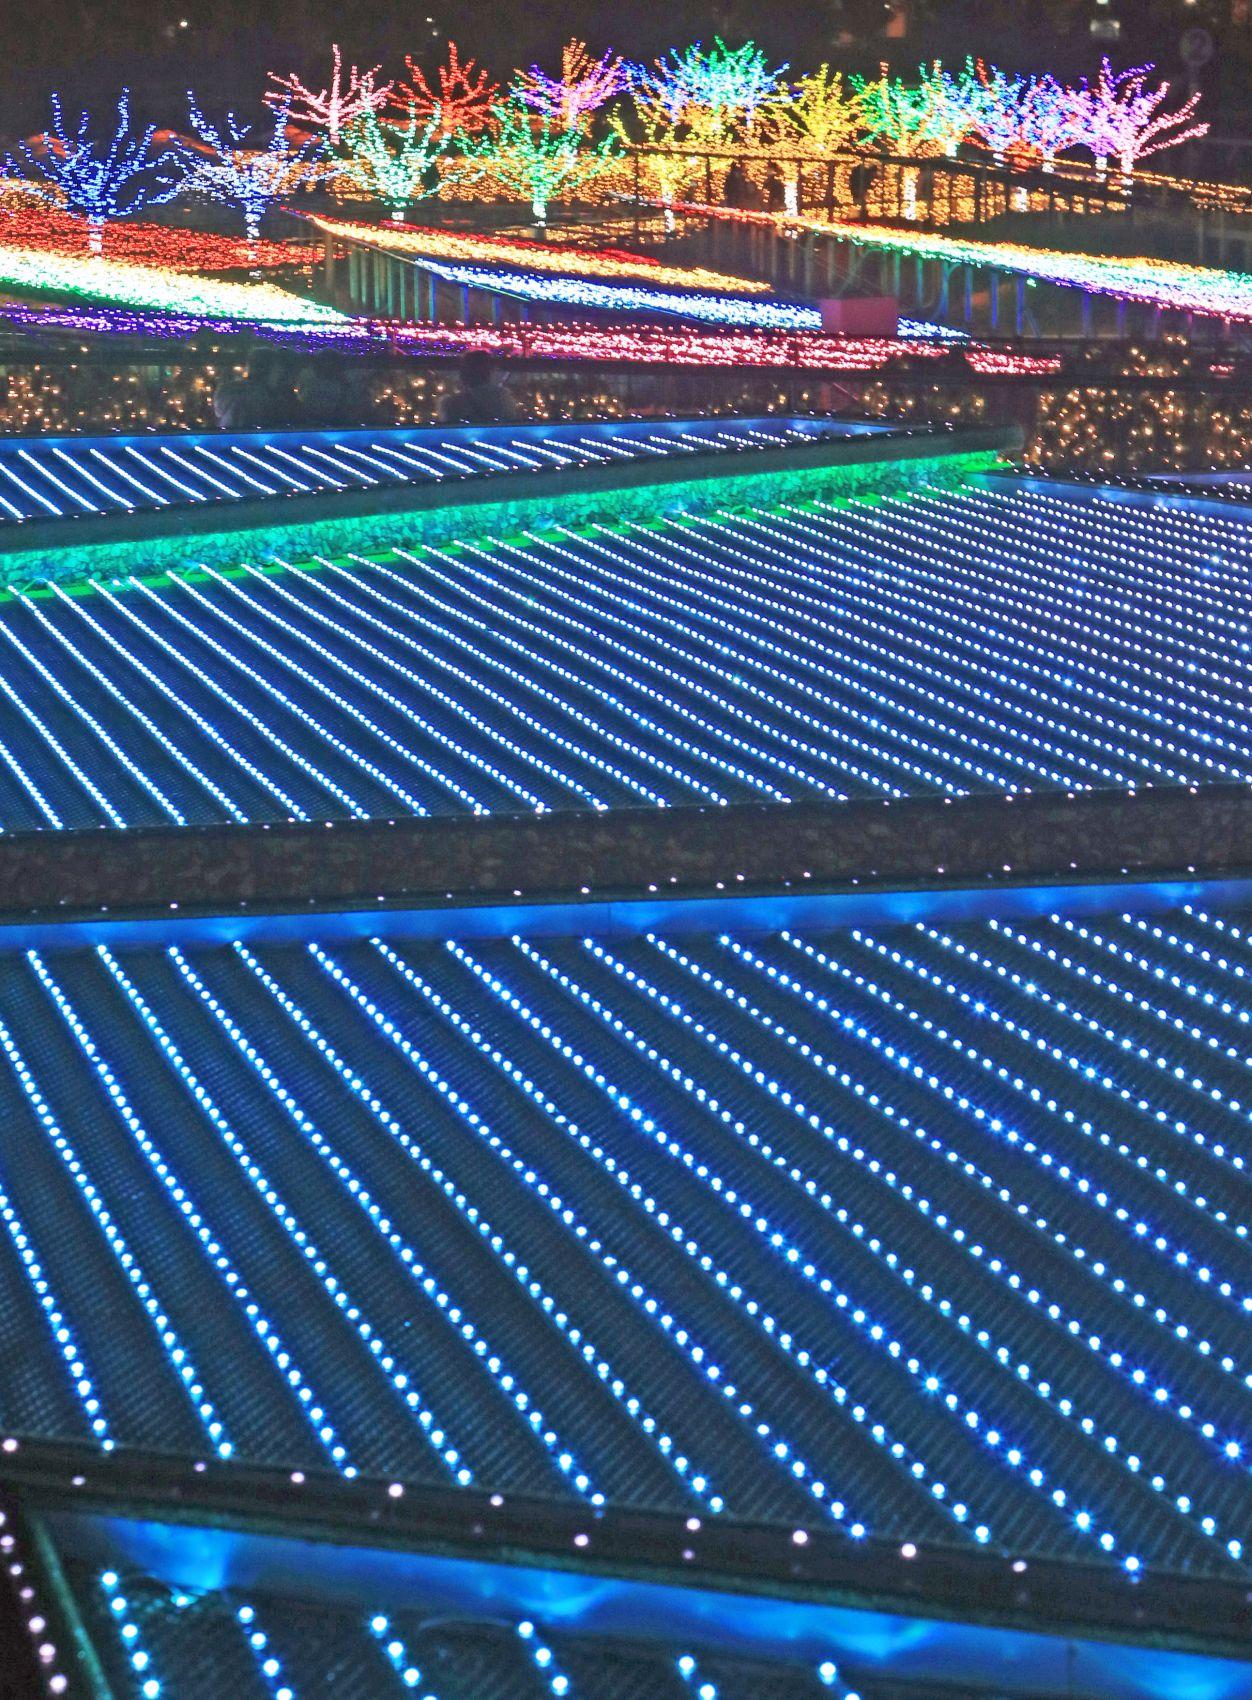 Tokyo Mega Illumination: 'Oi Racecourse' Dazzles With Unusual Light Installation